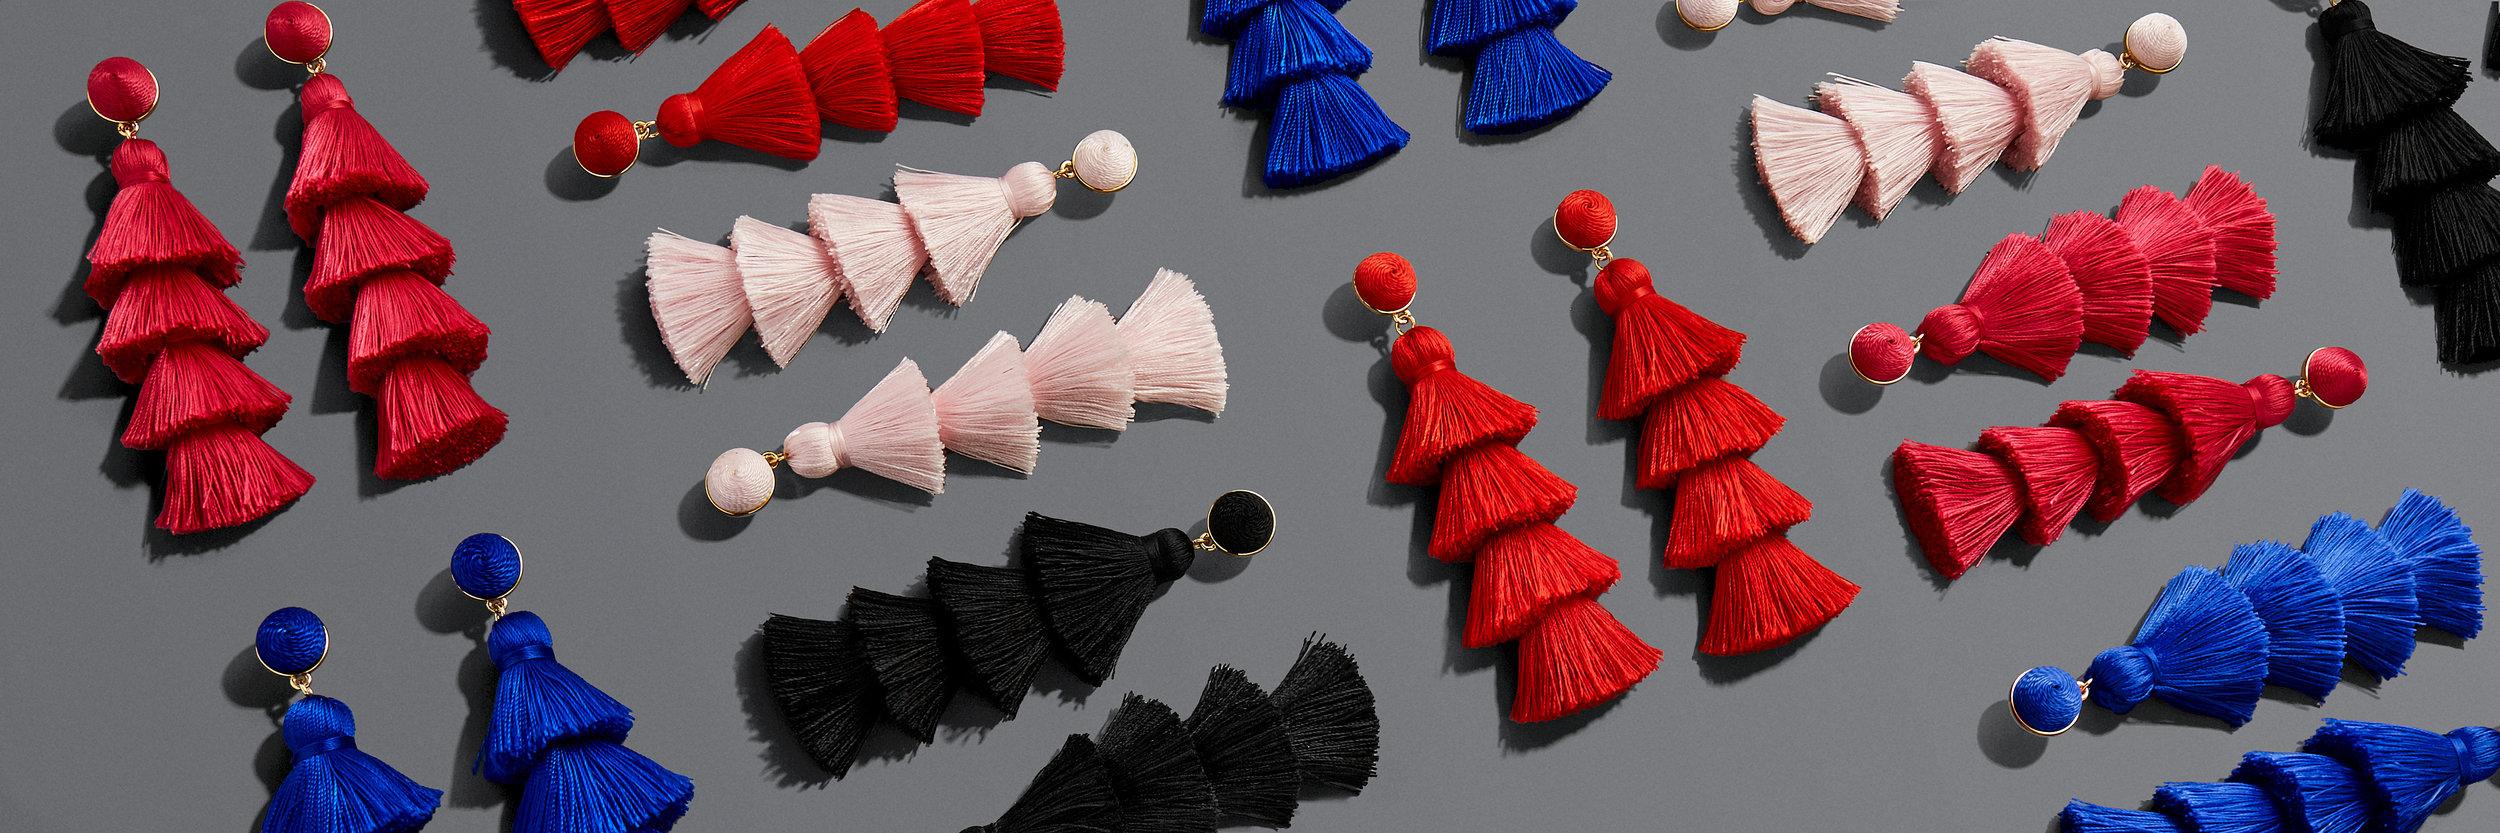 Gabrielas_HomePage_01_earrings.jpg